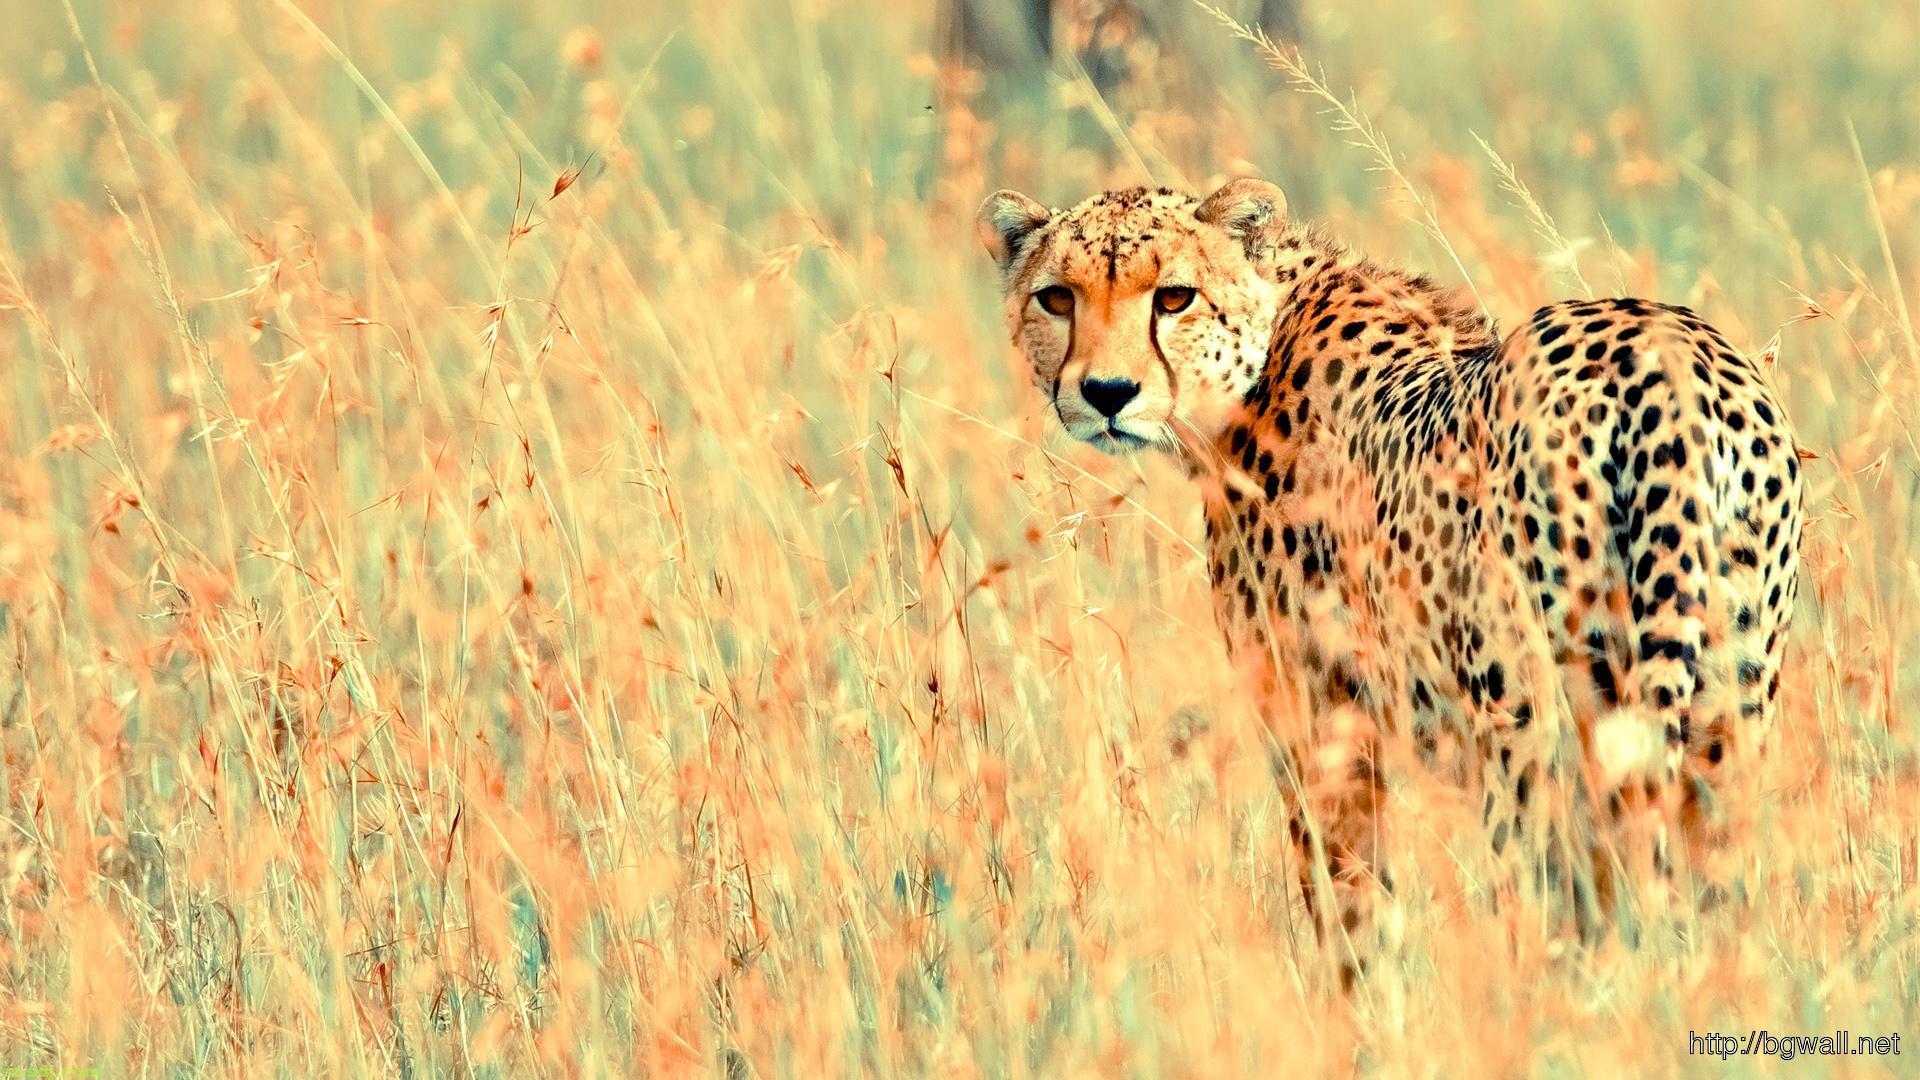 cheetah-tumblr-wallpaper